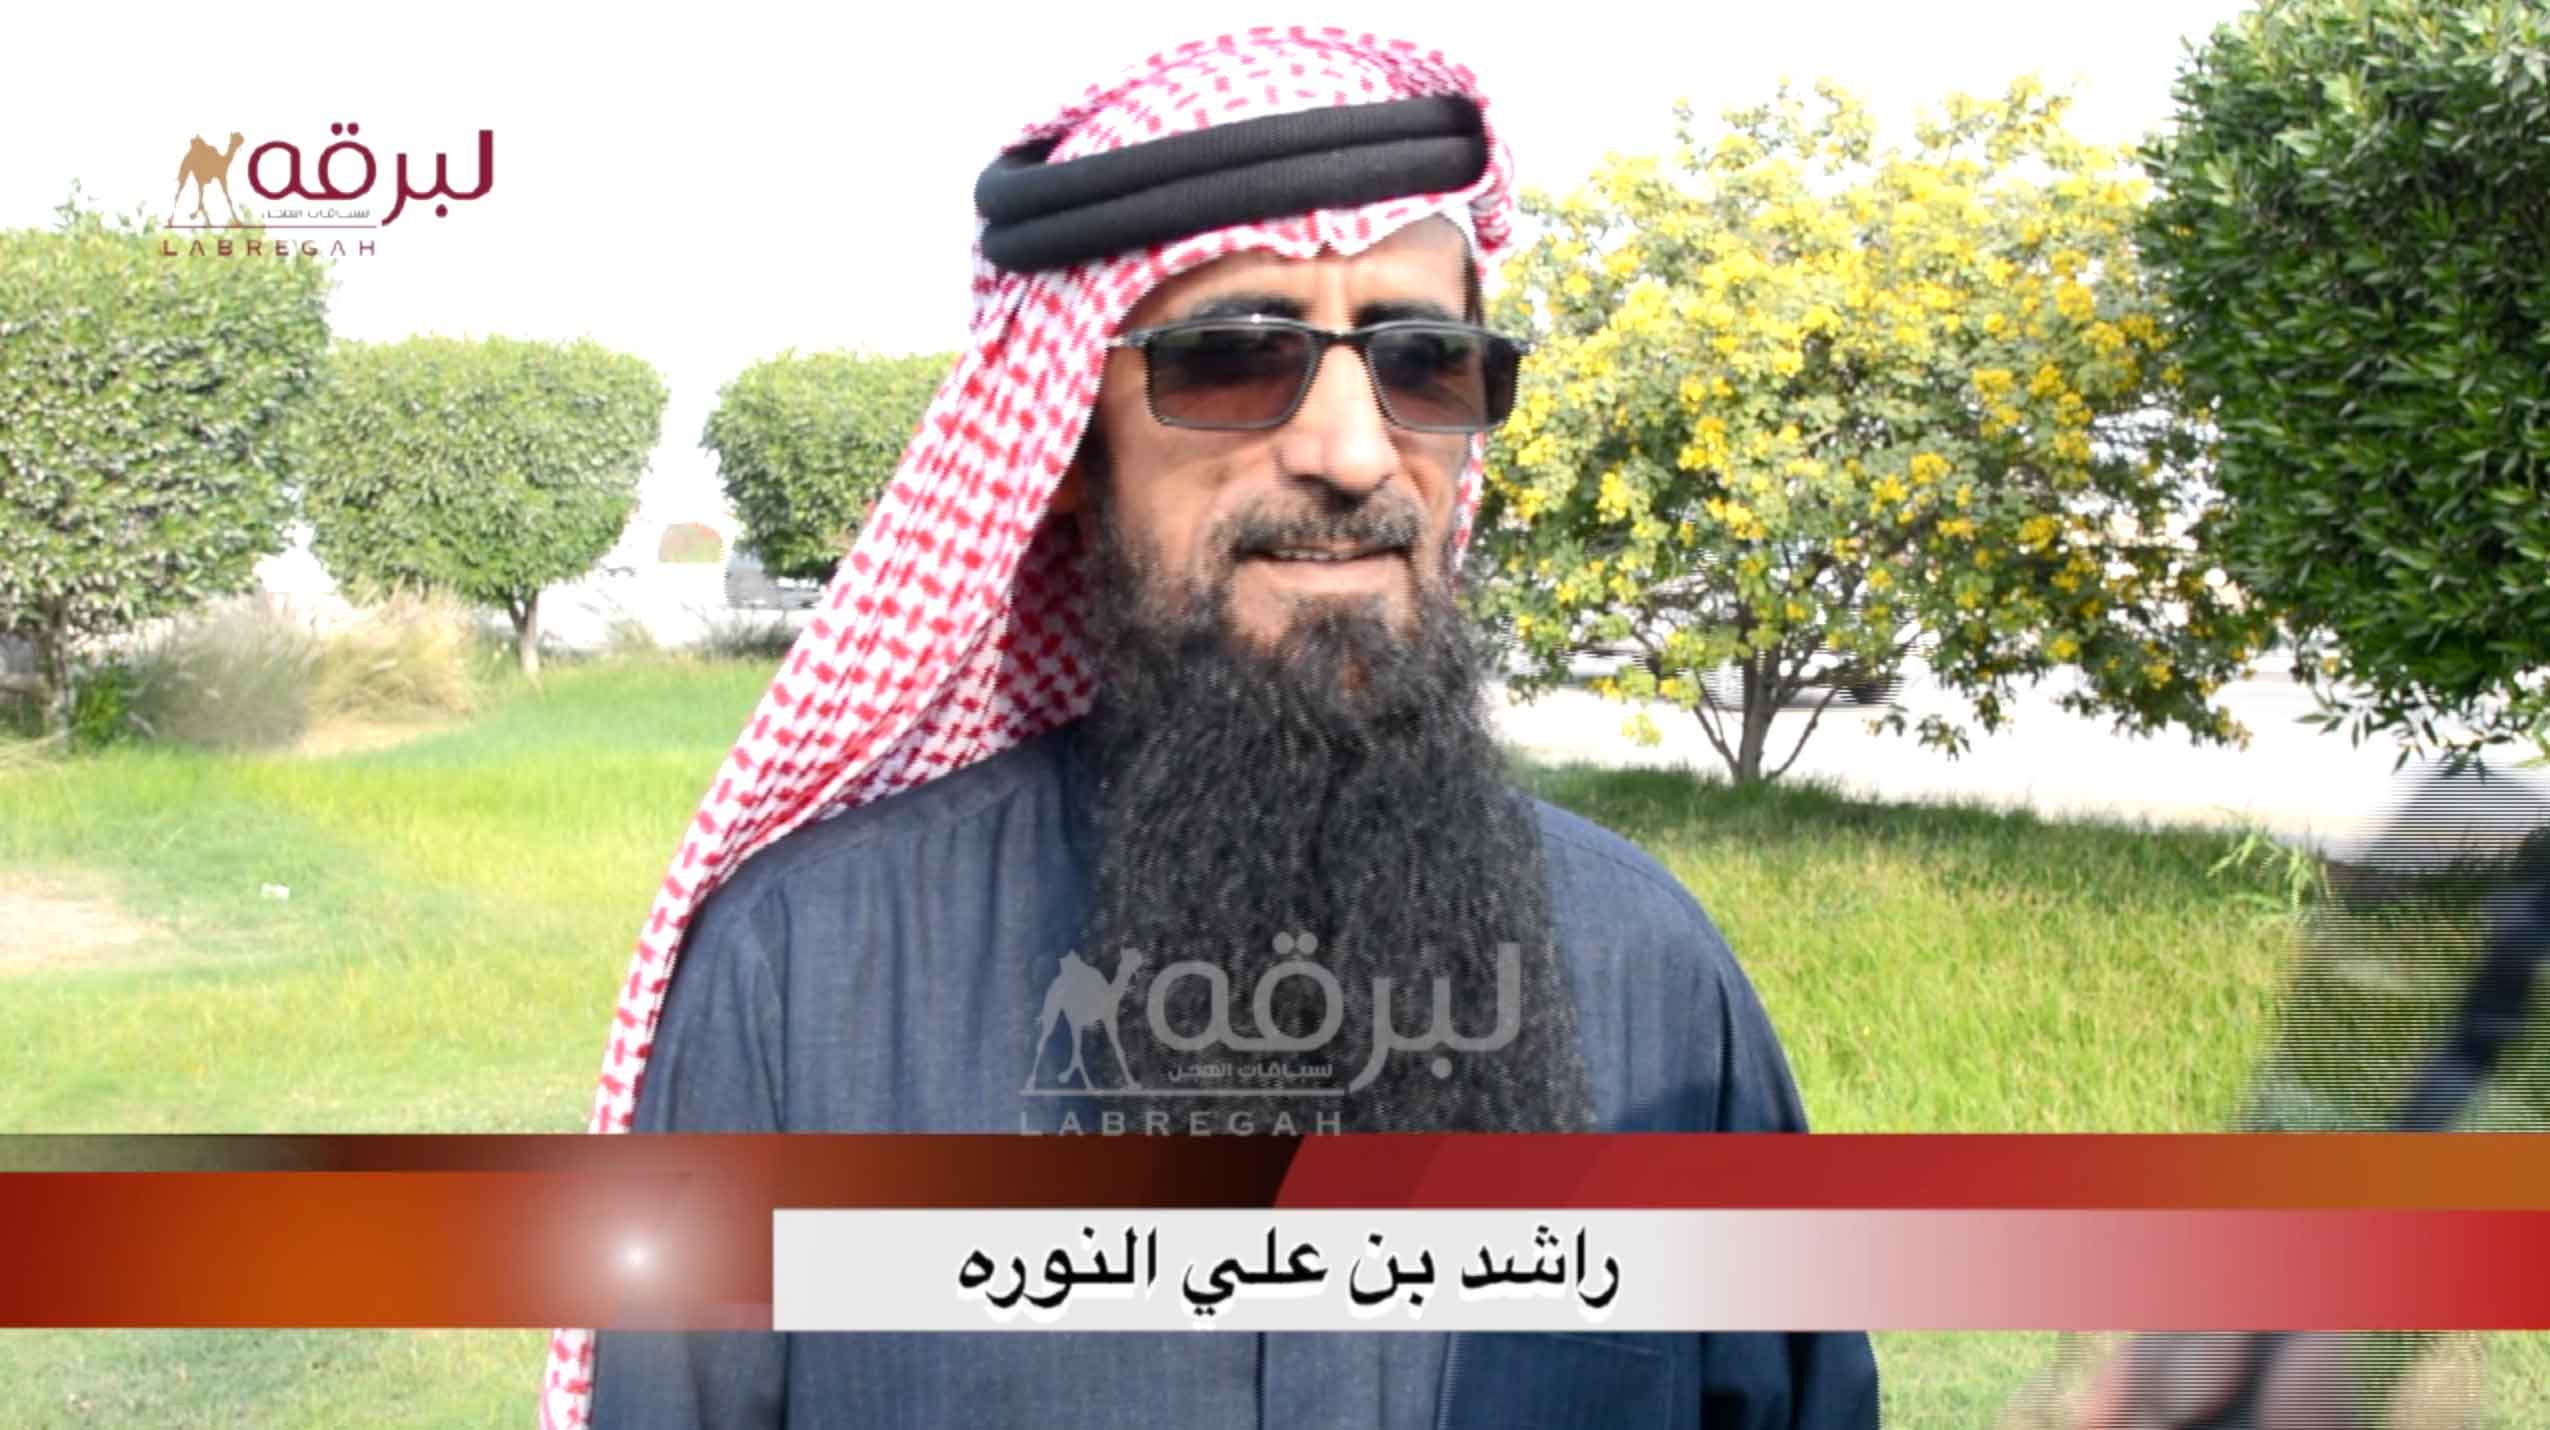 لقاء مع راشد بن علي النوره.. الشوط الرئيسي للزمول « إنتاج » الأشواط العامة  ٣١-١٢-٢٠٢٠